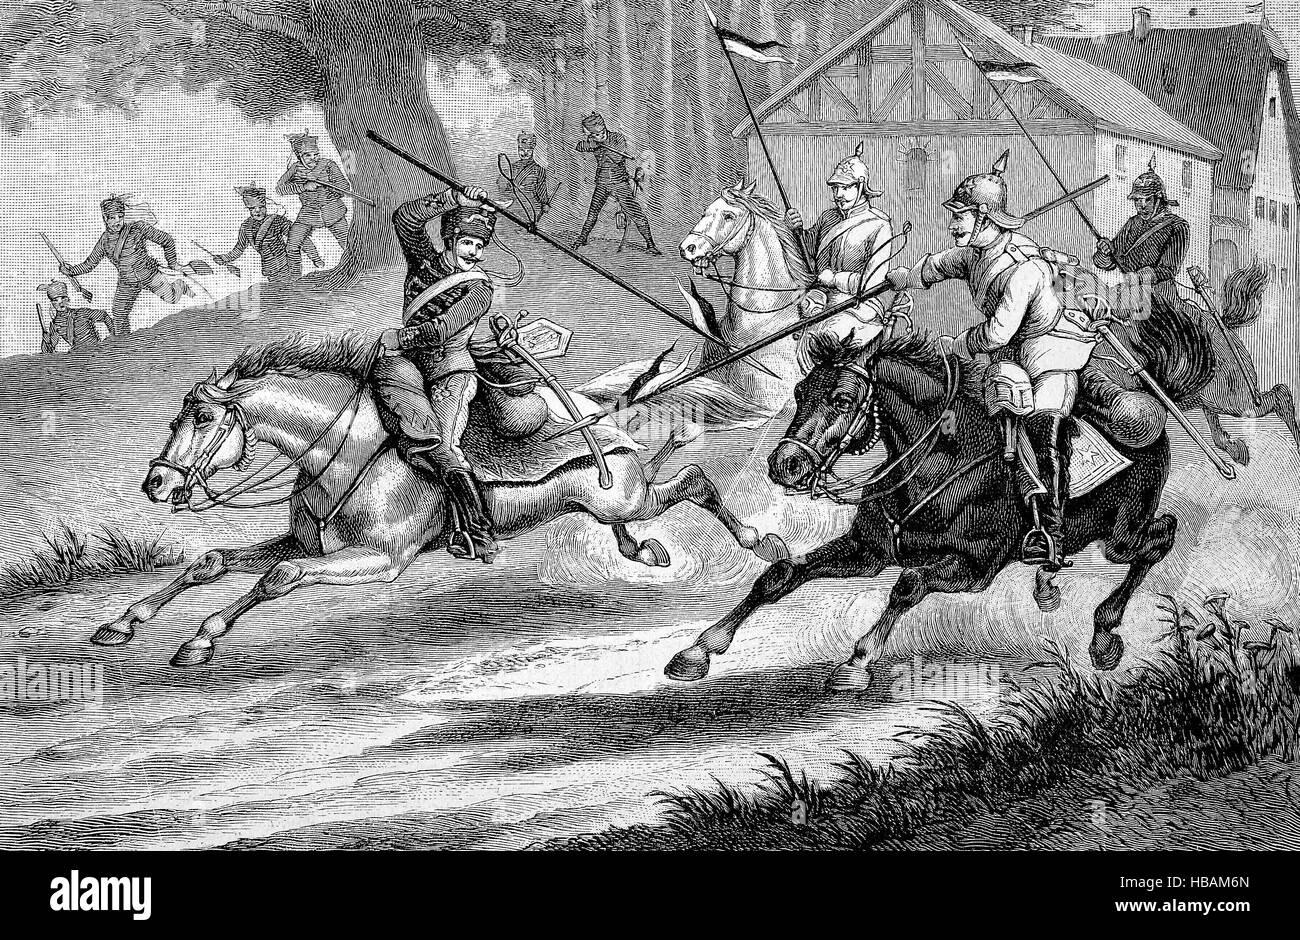 Lanze bewaffnet preußischen Husaren und Kürassiere, historische Illustration von 1880 Stockbild